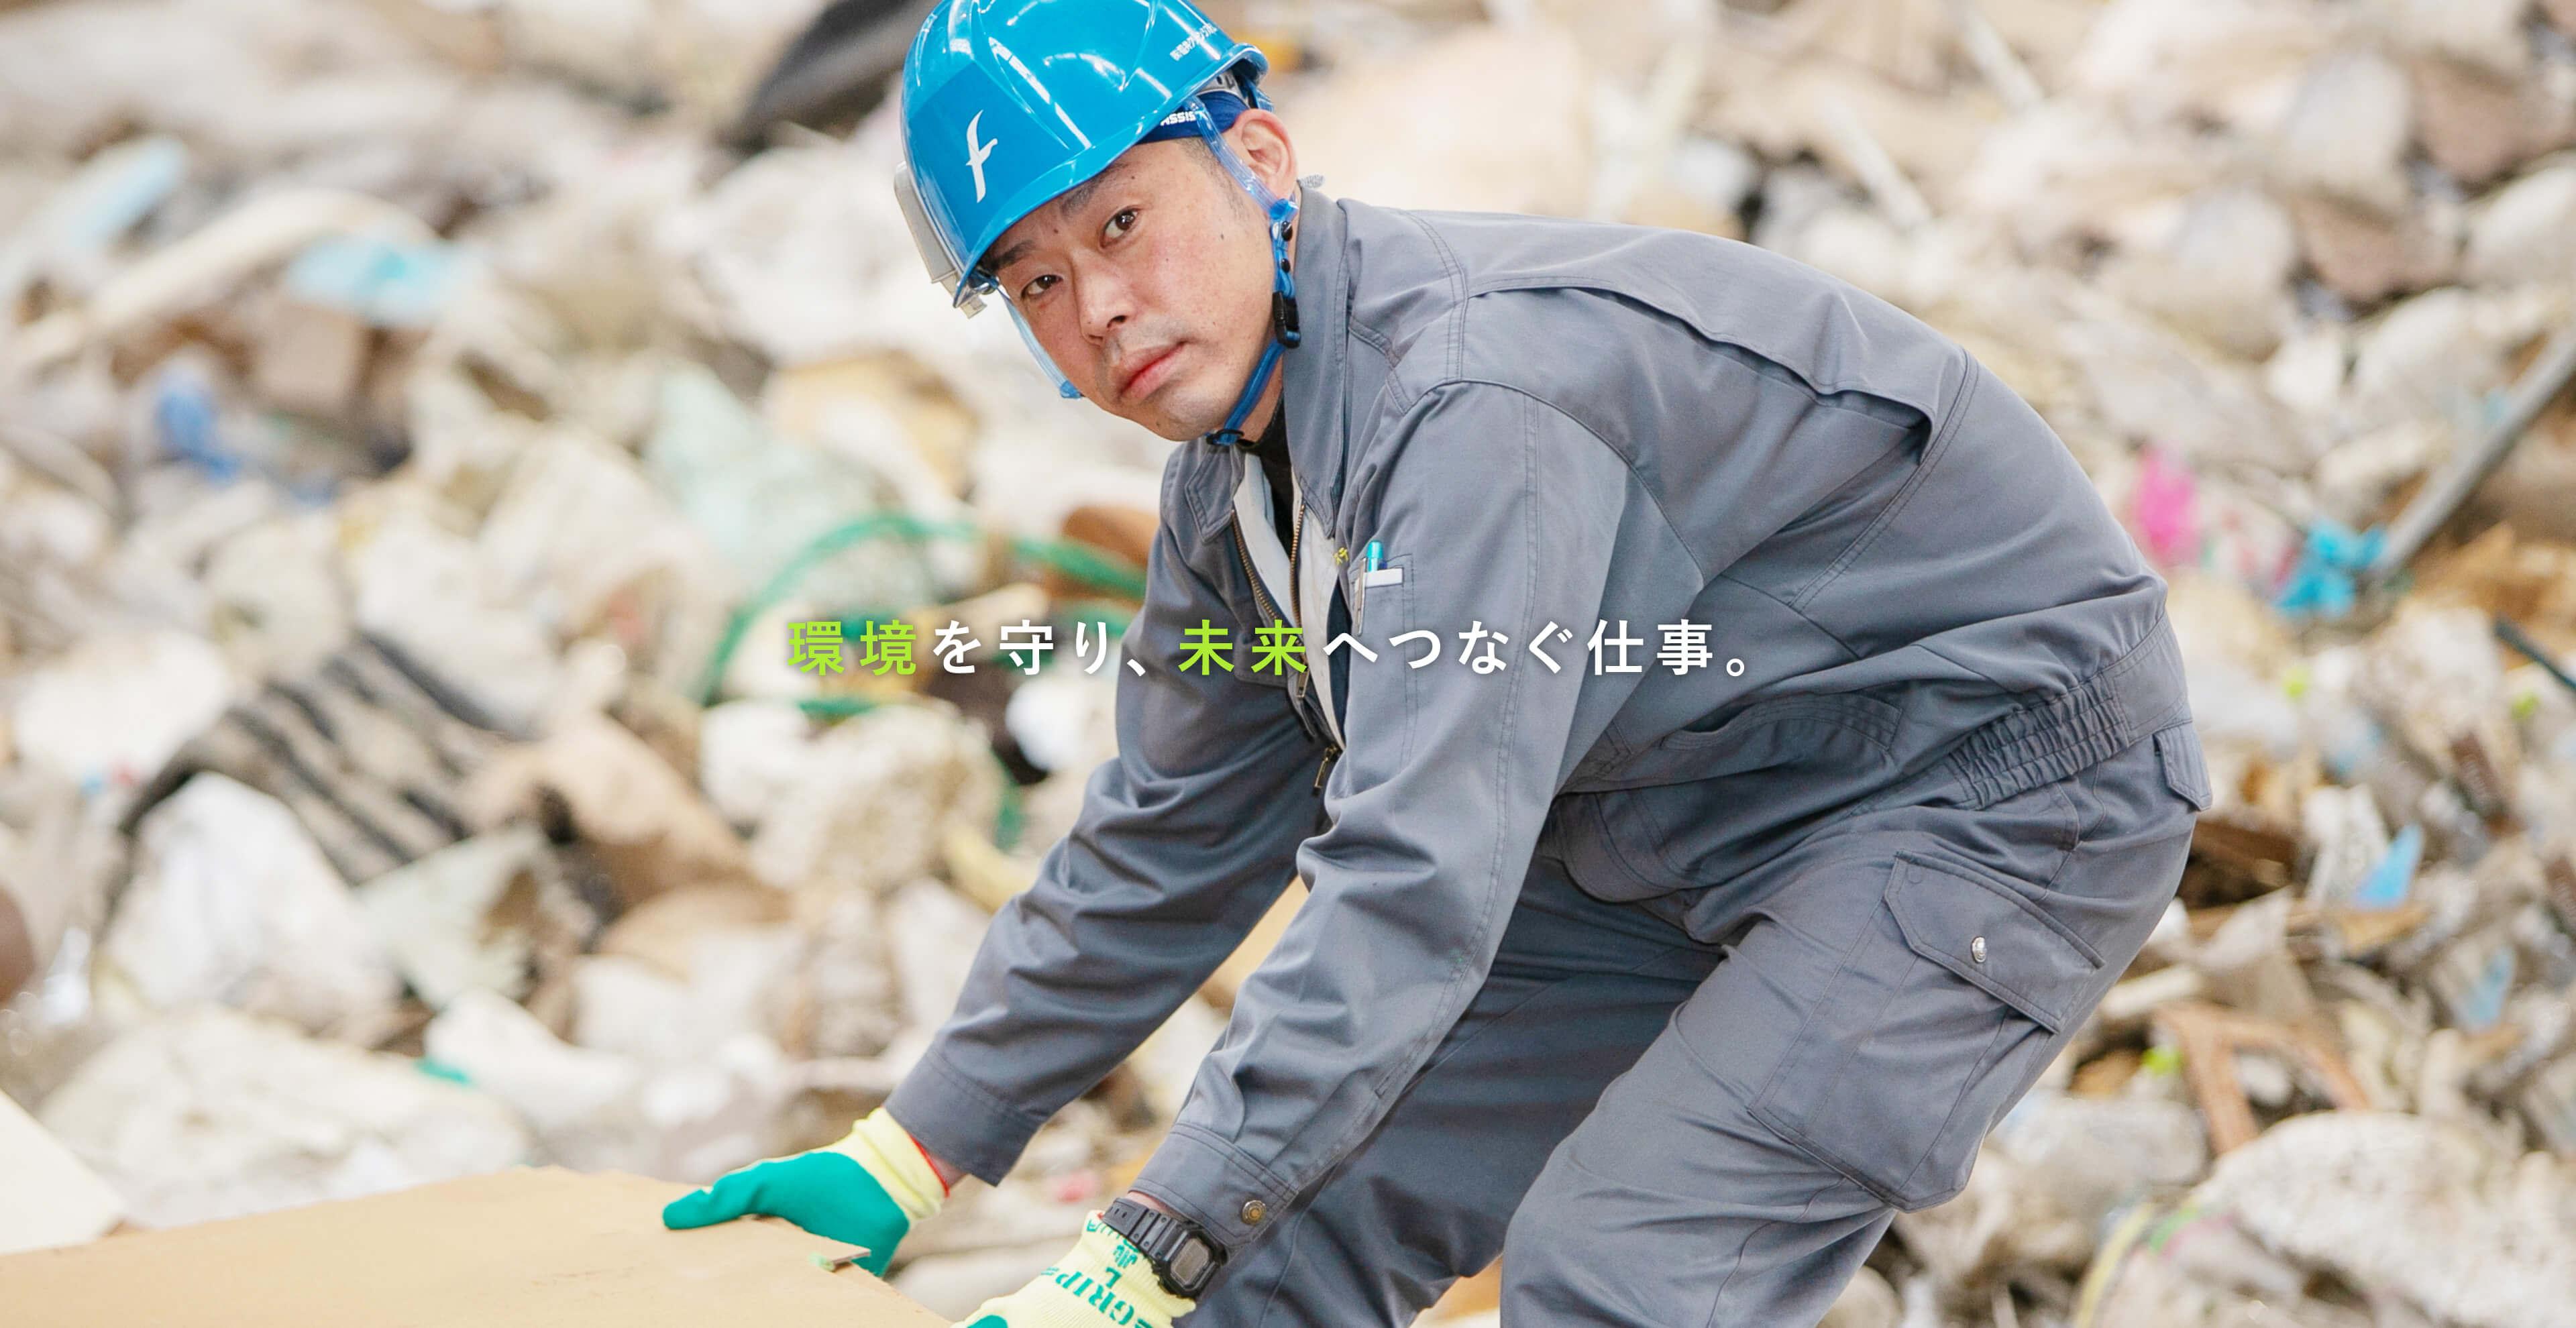 環境を守り、未来へつなぐ仕事。